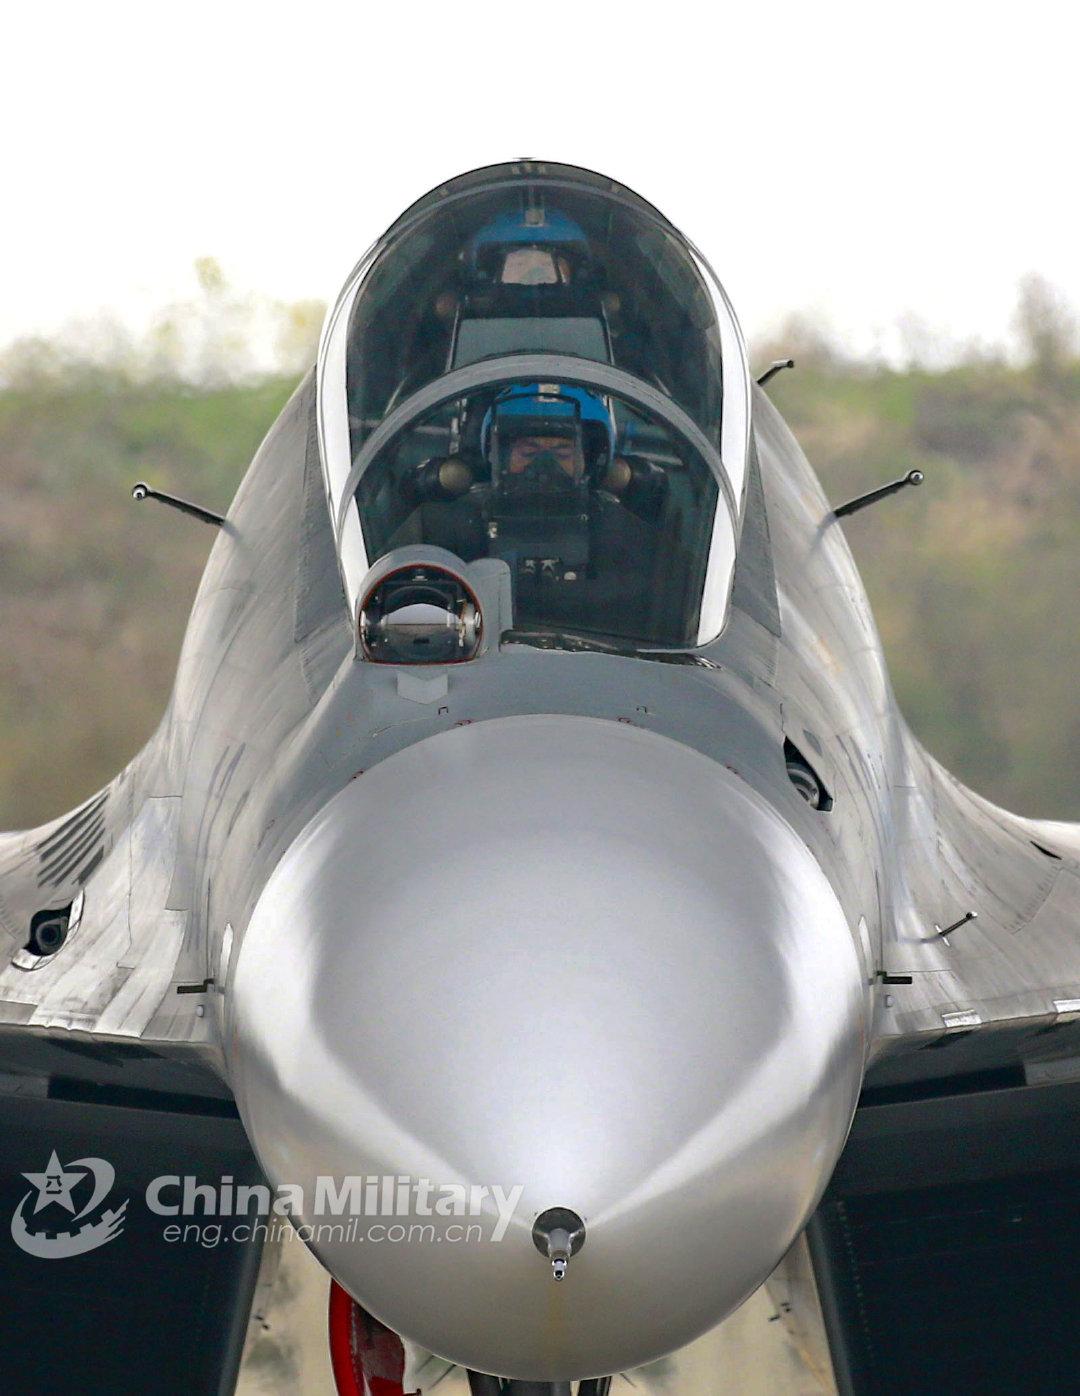 双坐战机正视图,论后座视野,还是苏-30是爸爸...